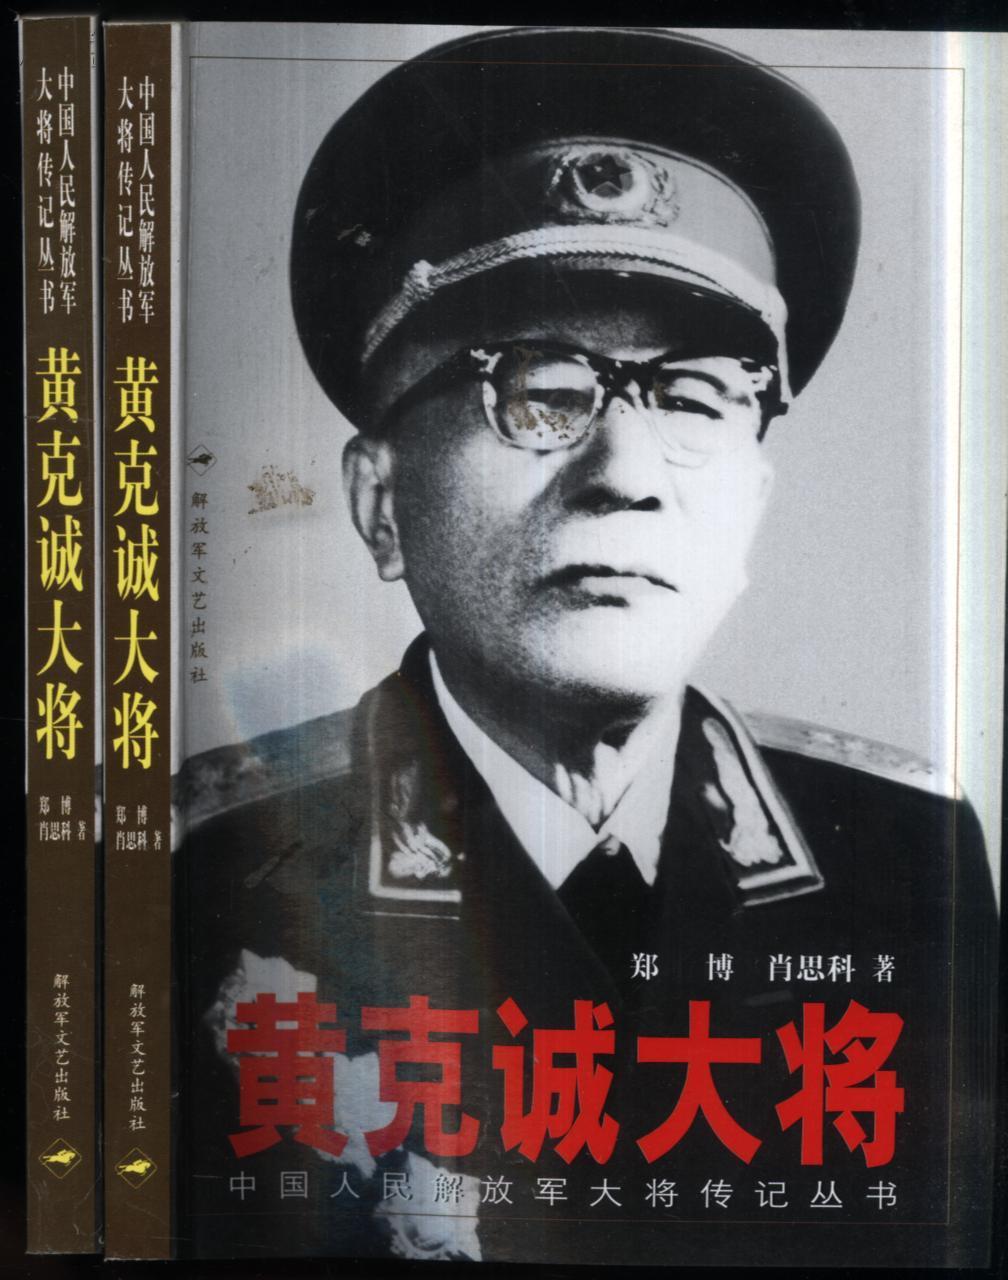 黄克诚:毛泽东为什么让我们这些人至死佩服?